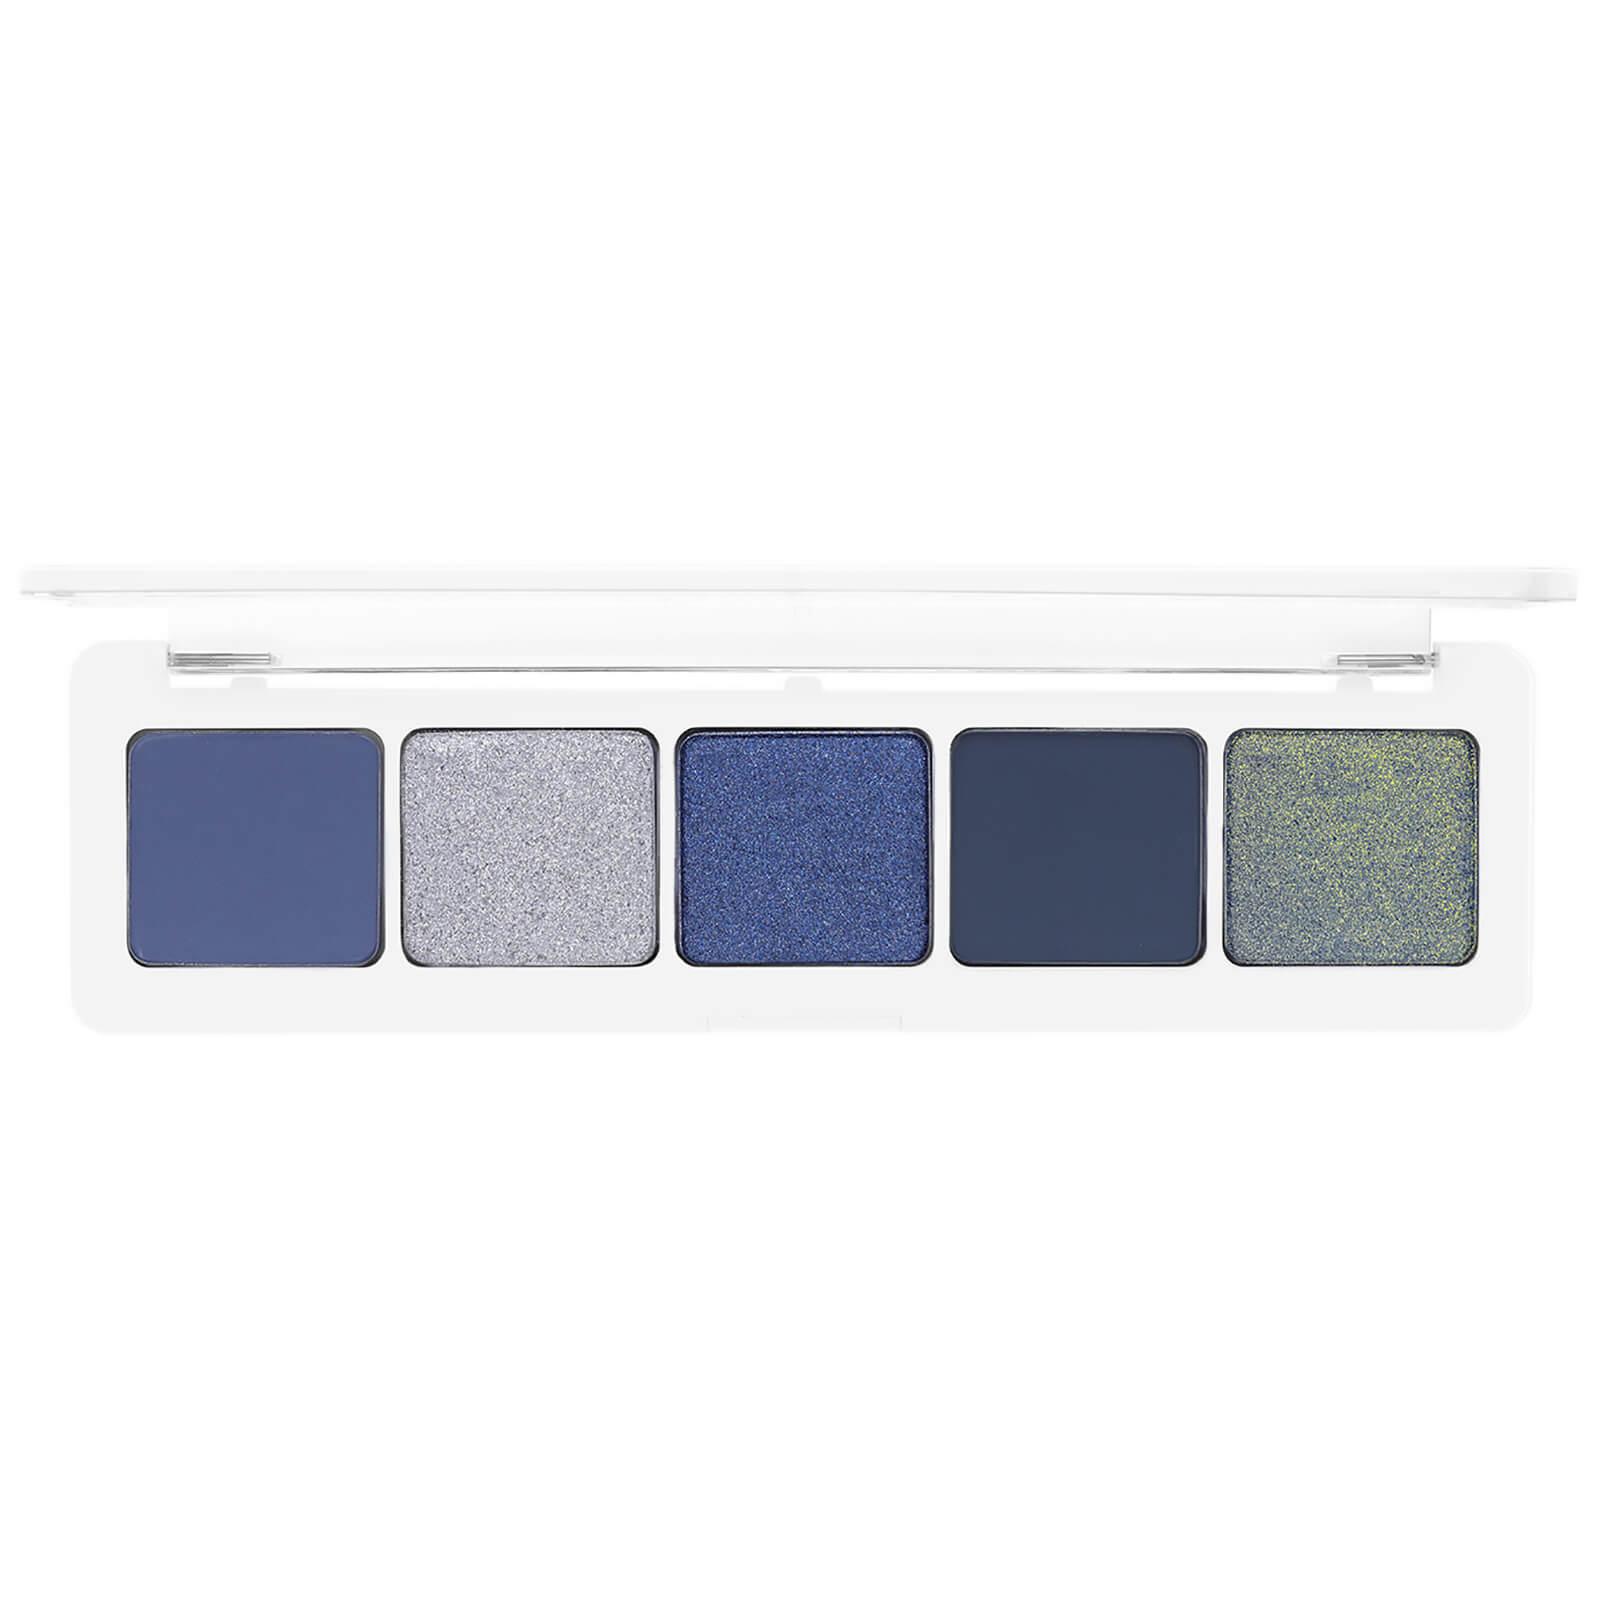 Купить Natasha Denona Eyeshadow Palette 5 - 03 12.5g